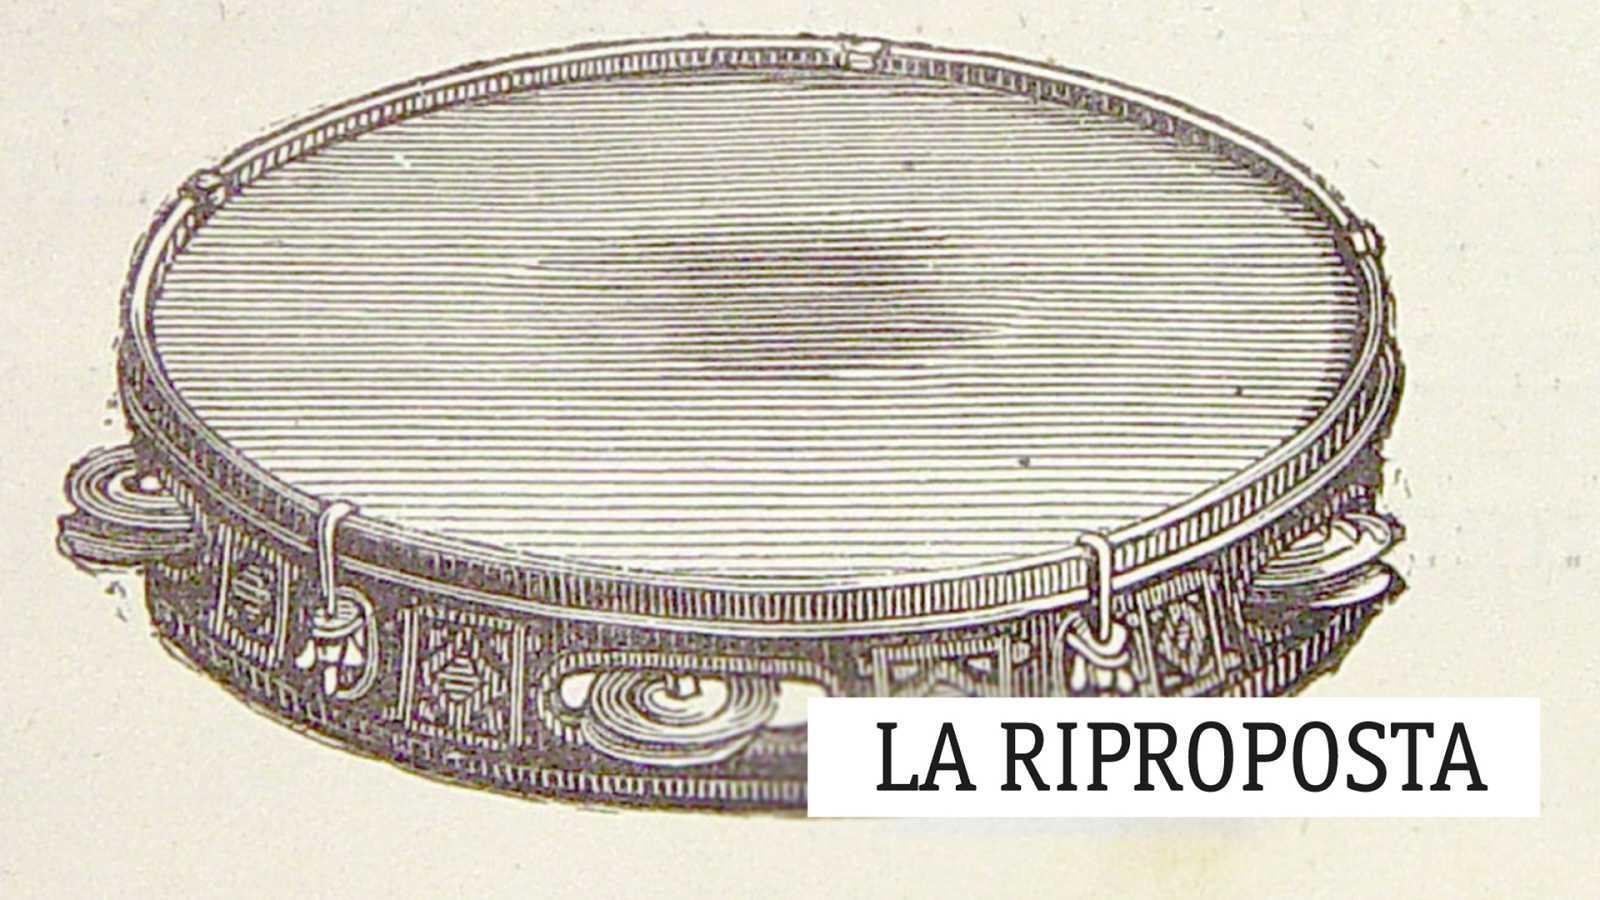 La riproposta - El folklore en Andalucía II - 06/03/21 - escuchar ahora